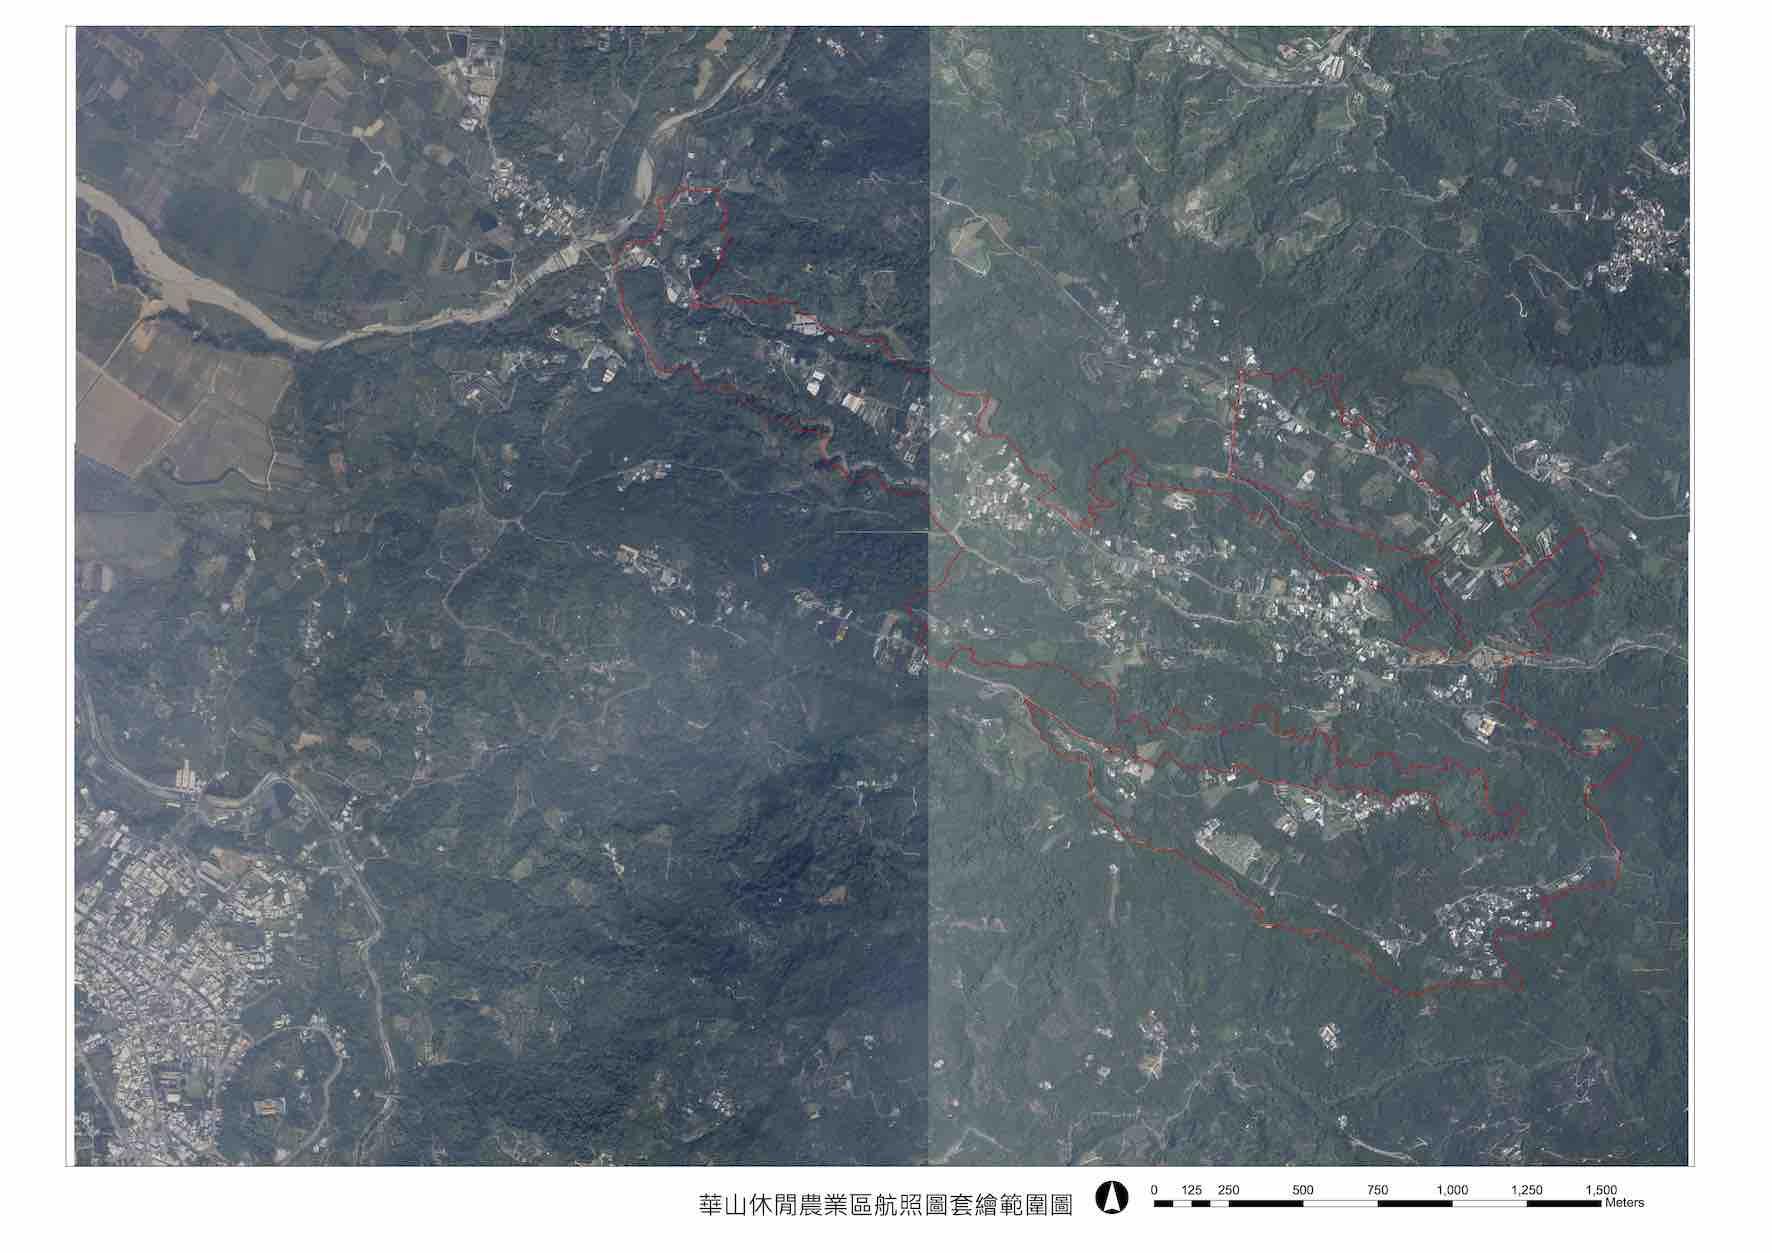 華山休閒農業區航照圖套繪範圍